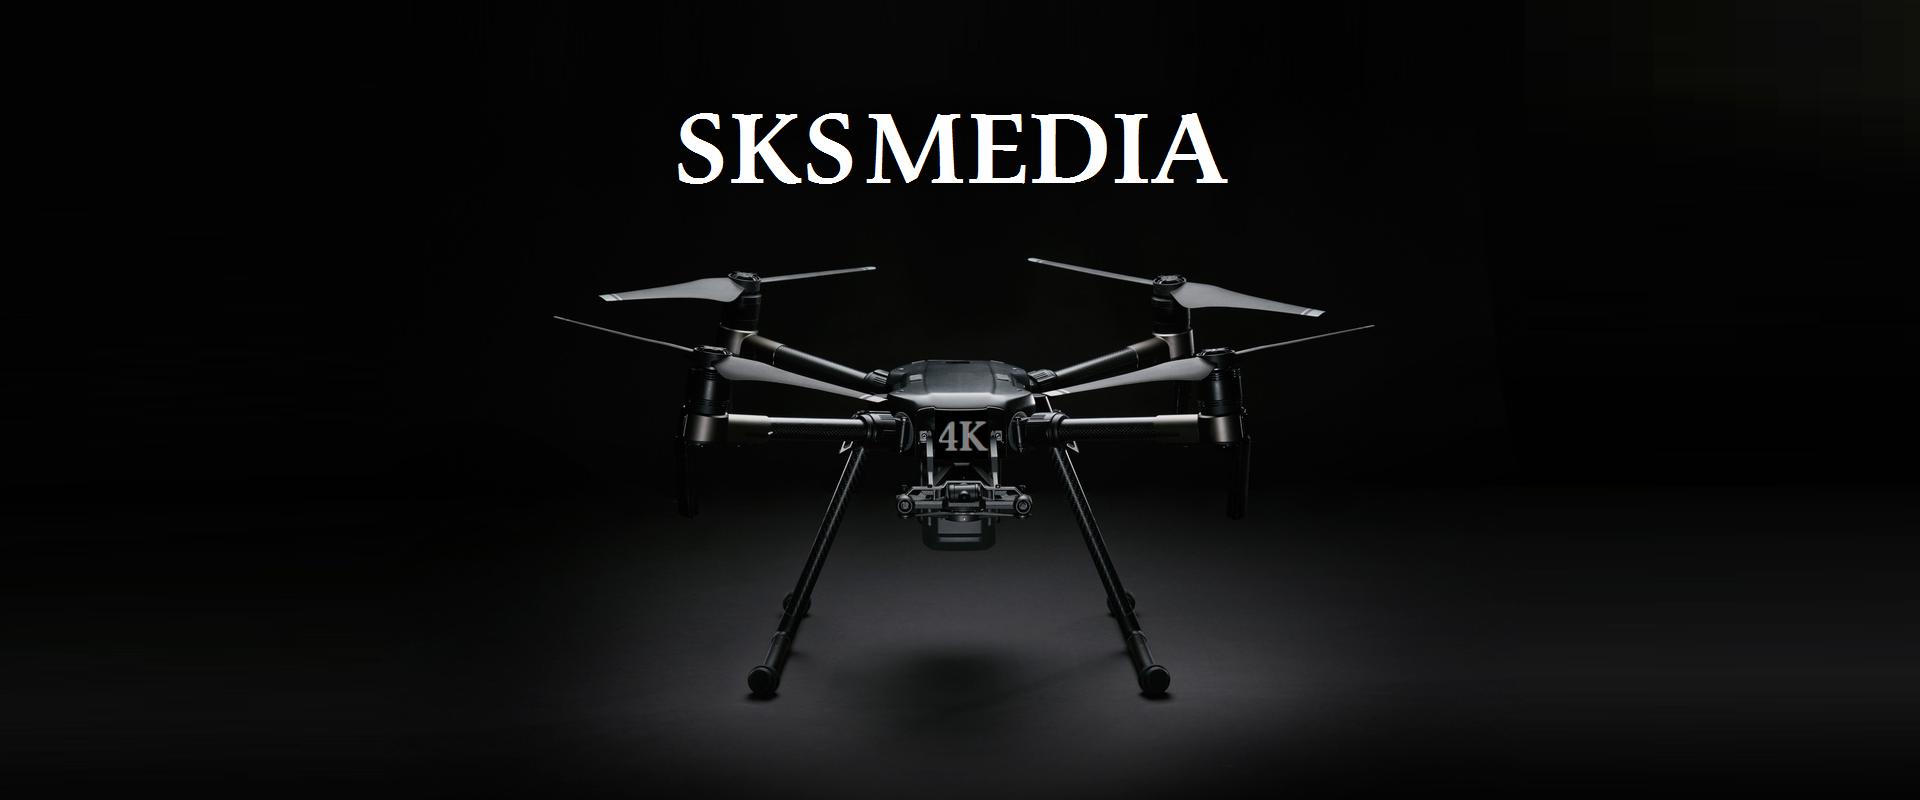 SKS MEDIA